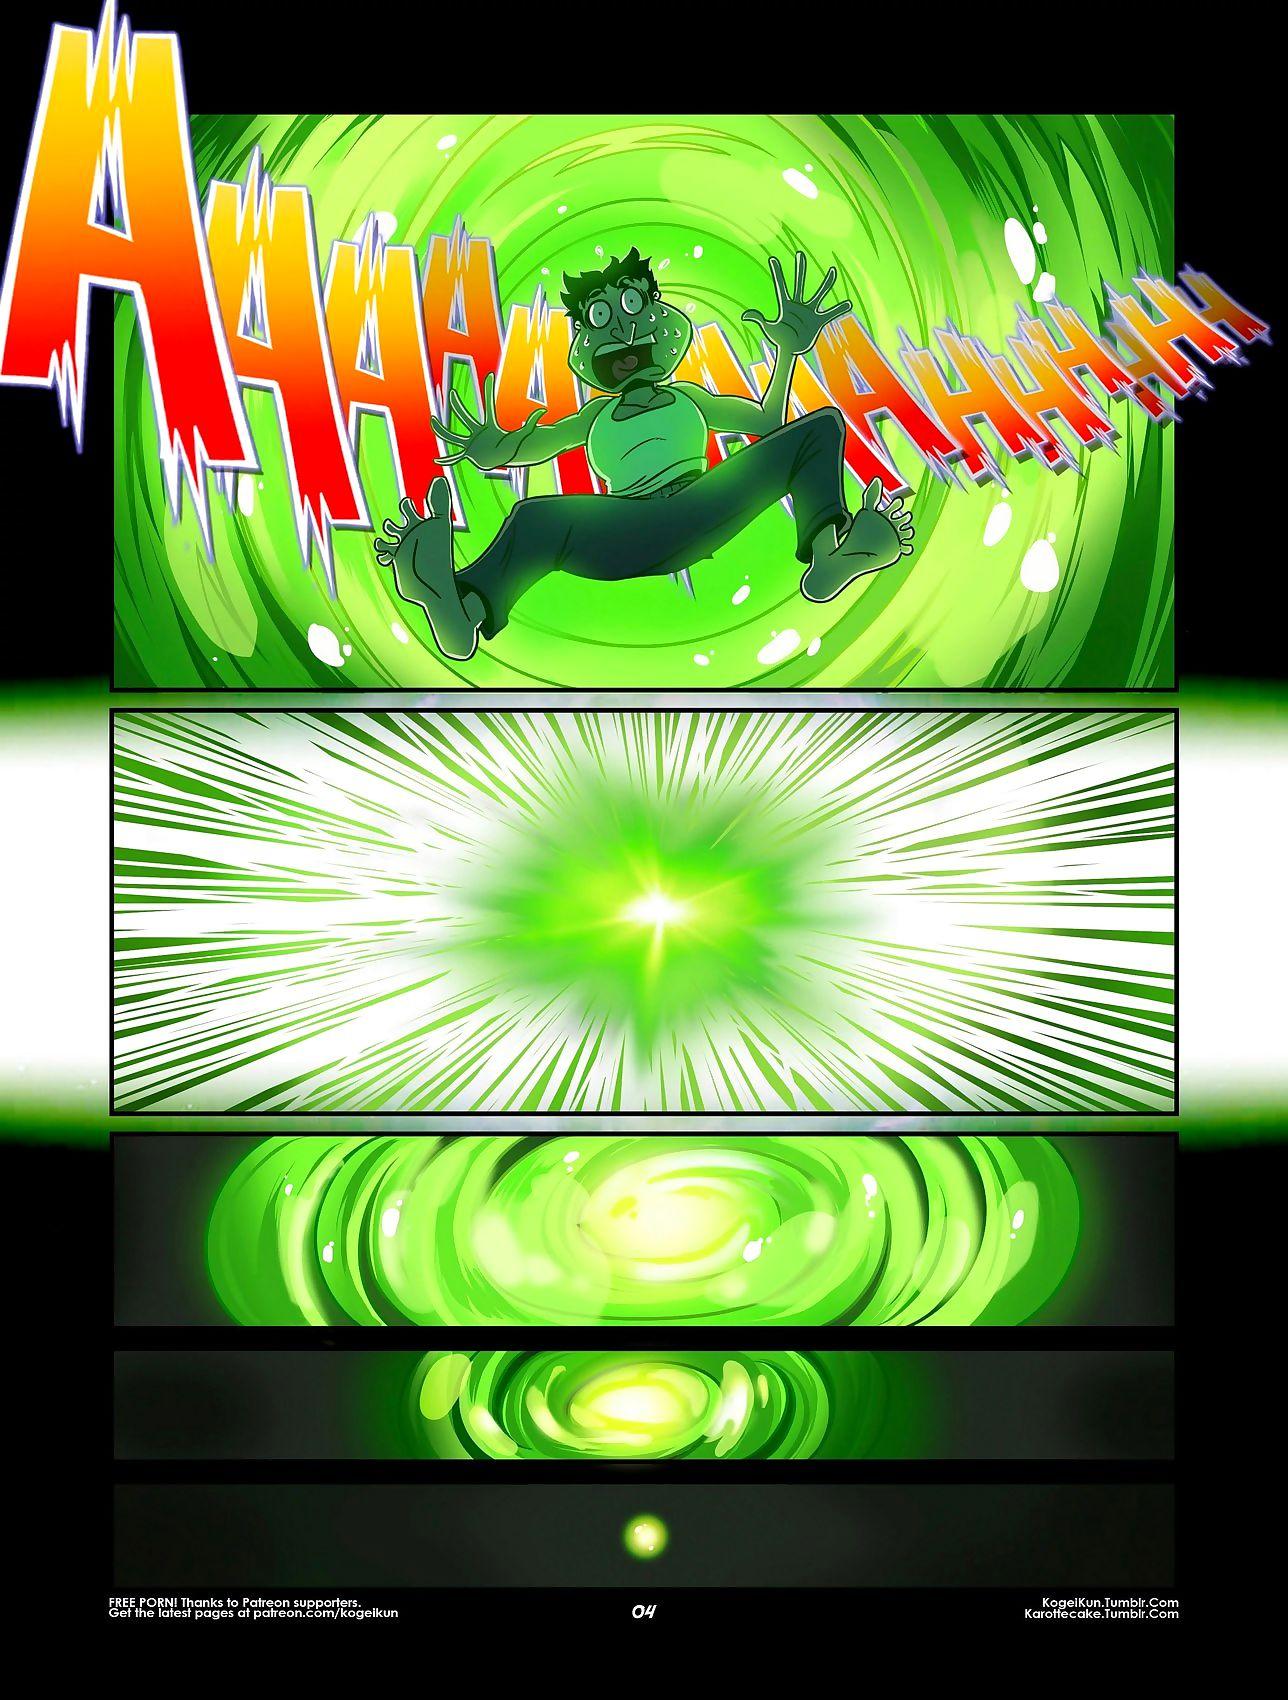 Kogeikun- Quagmire Buy Dramatize expunge Multiverse